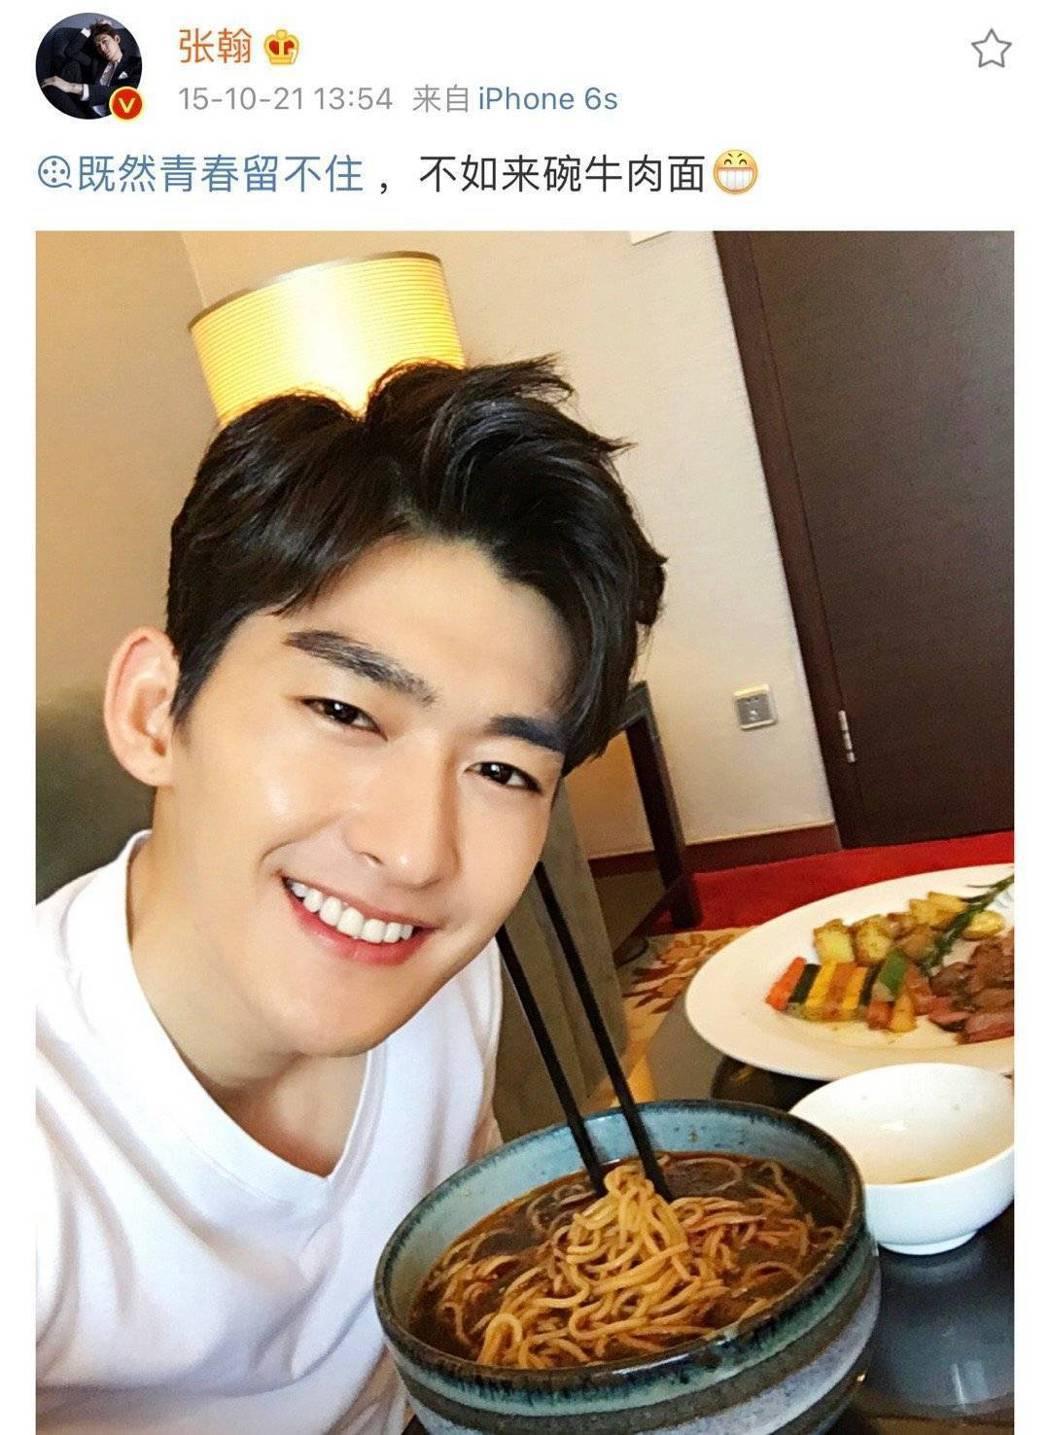 網友笑言張翰如今能放心吃牛肉麵。圖/摘自微博